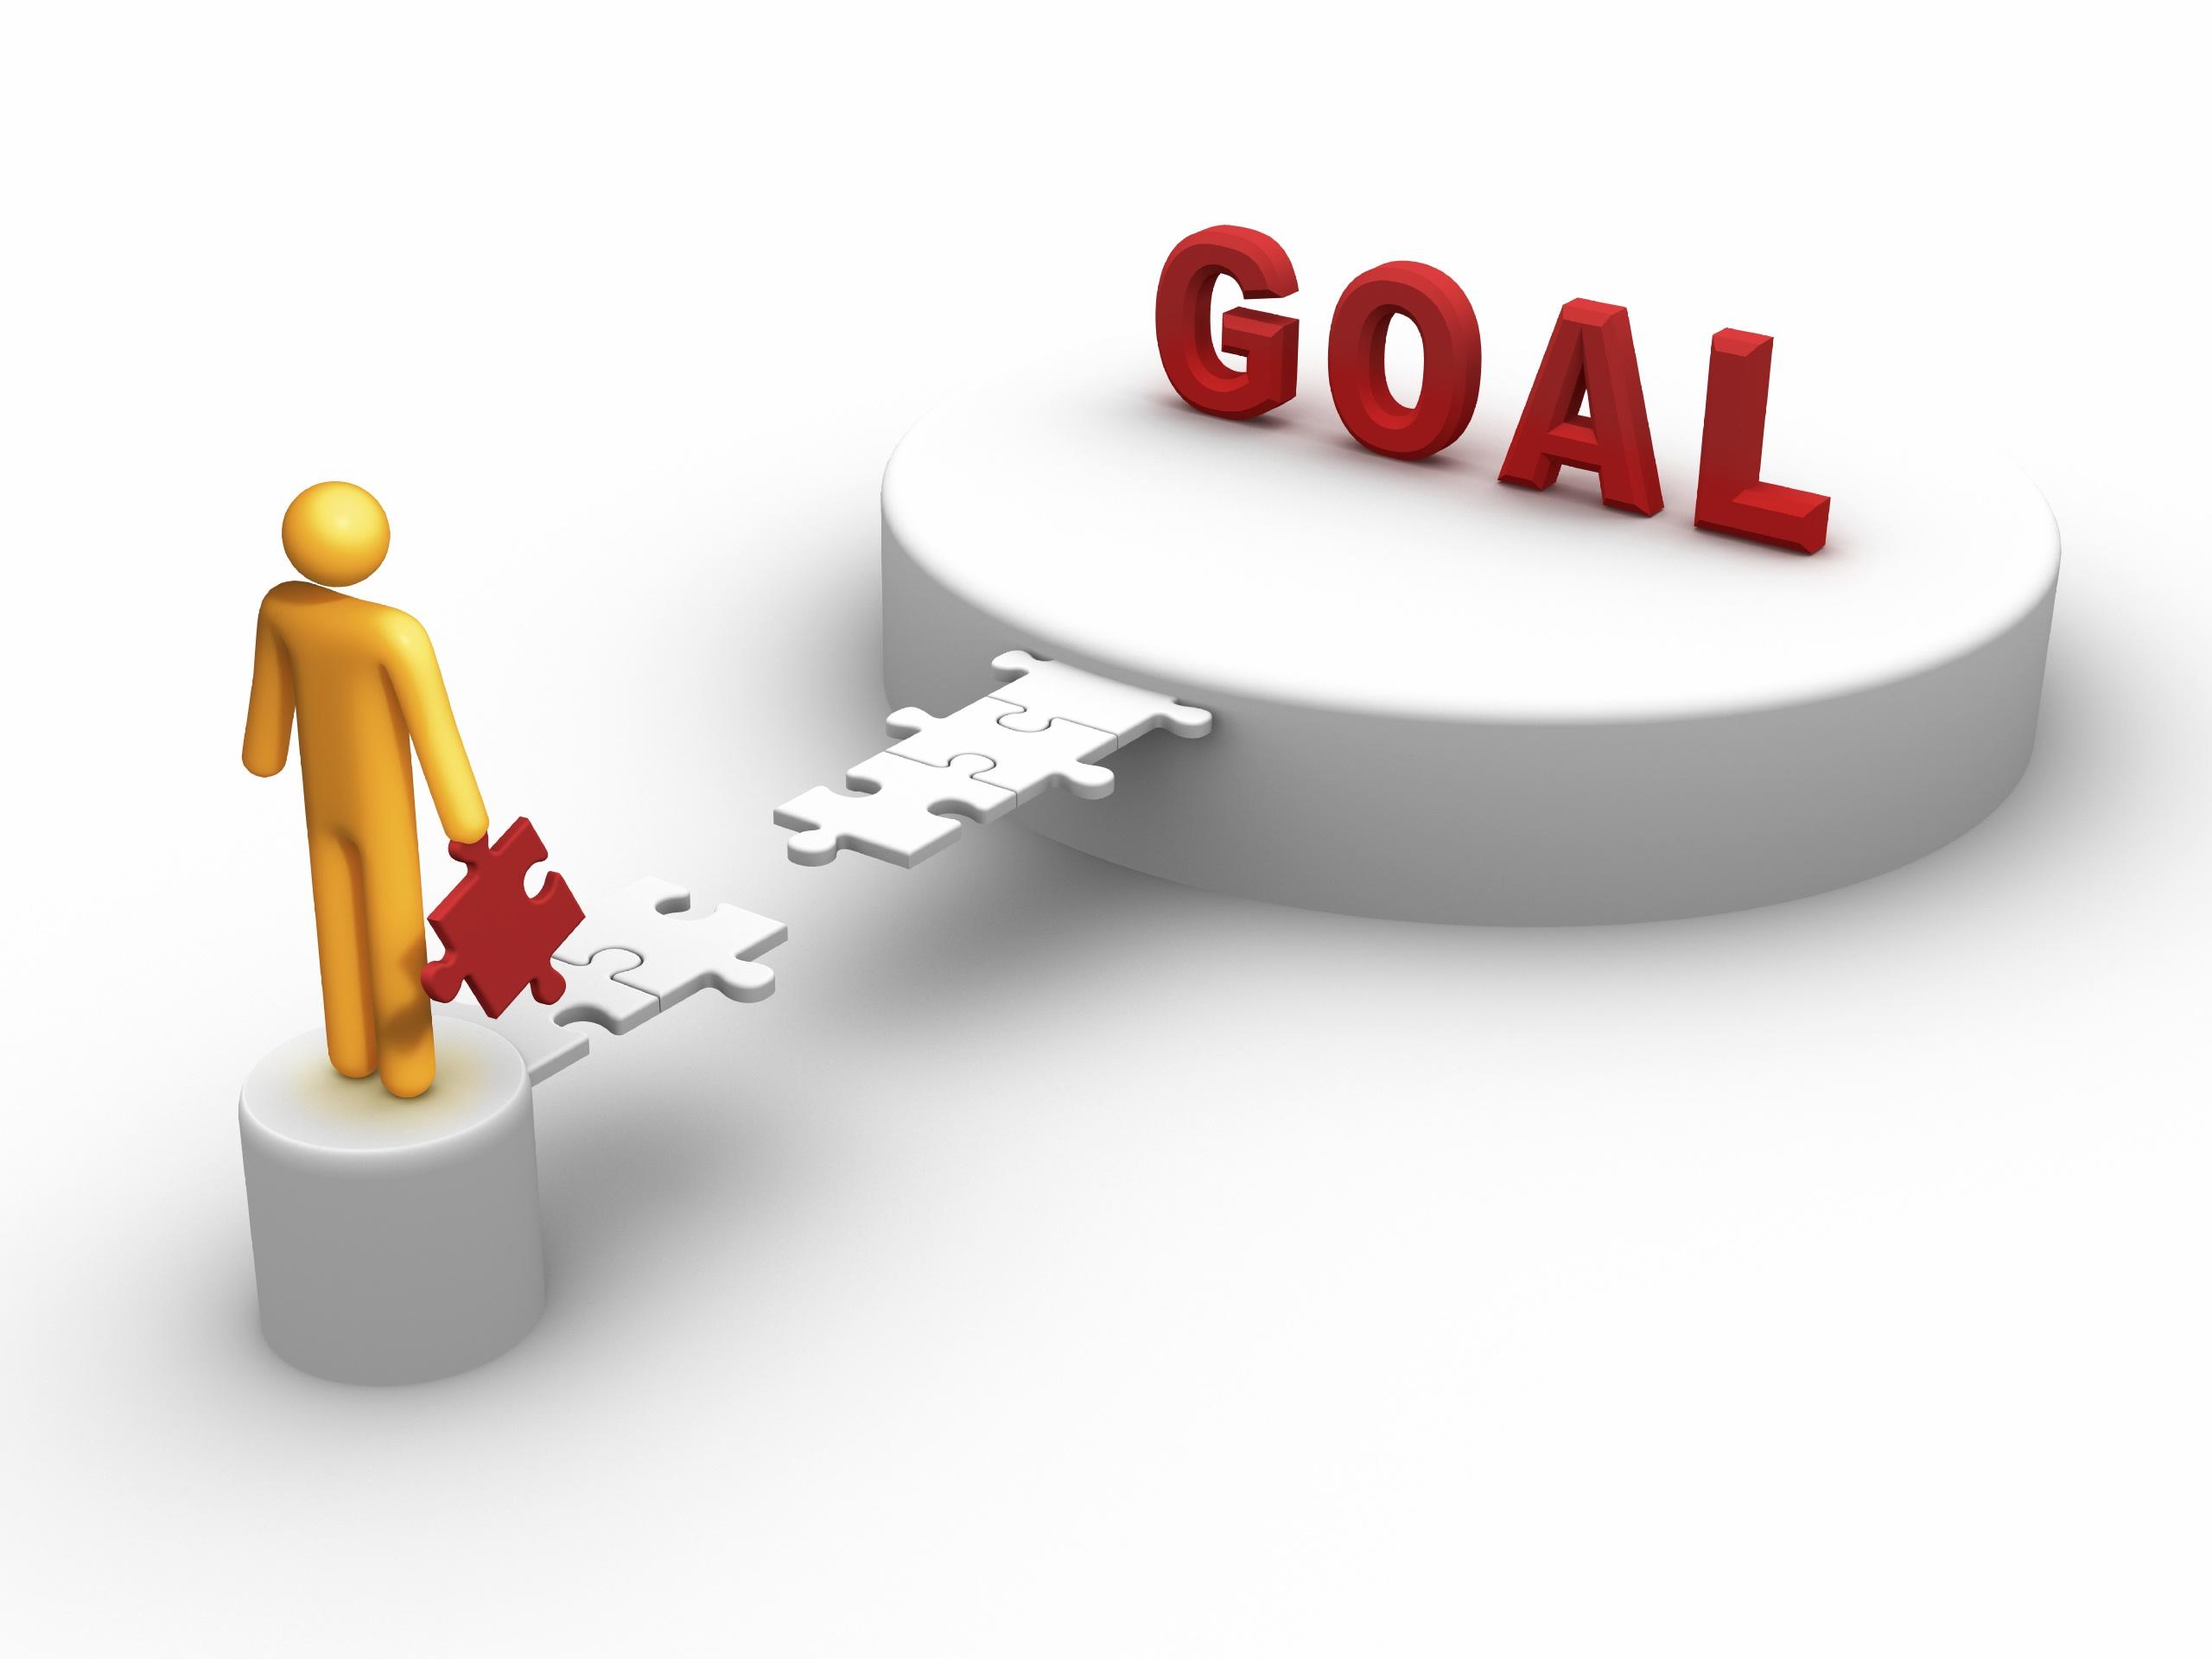 Do not set goals